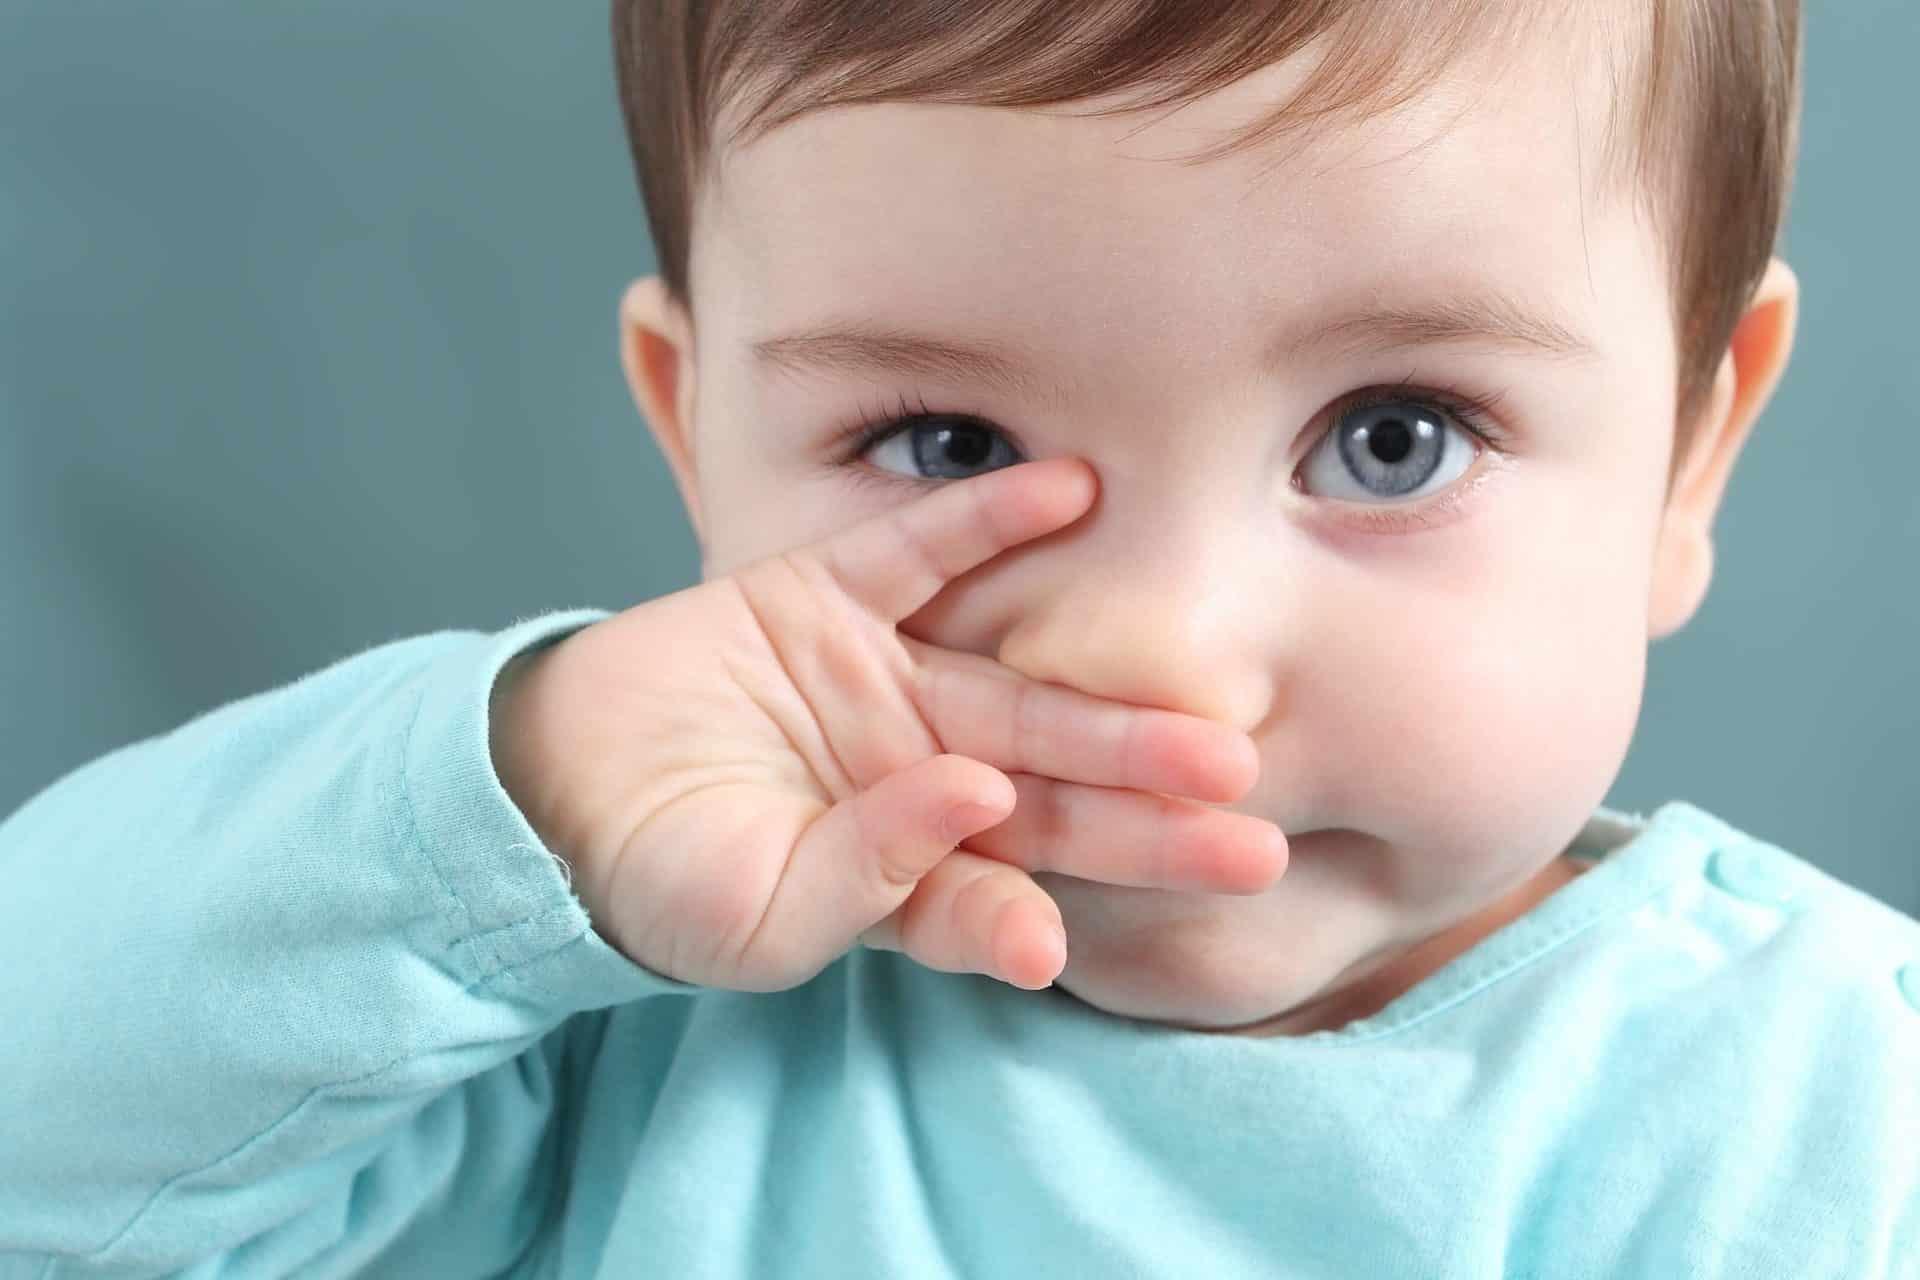 У грудничка заложен нос, но сопли не текут